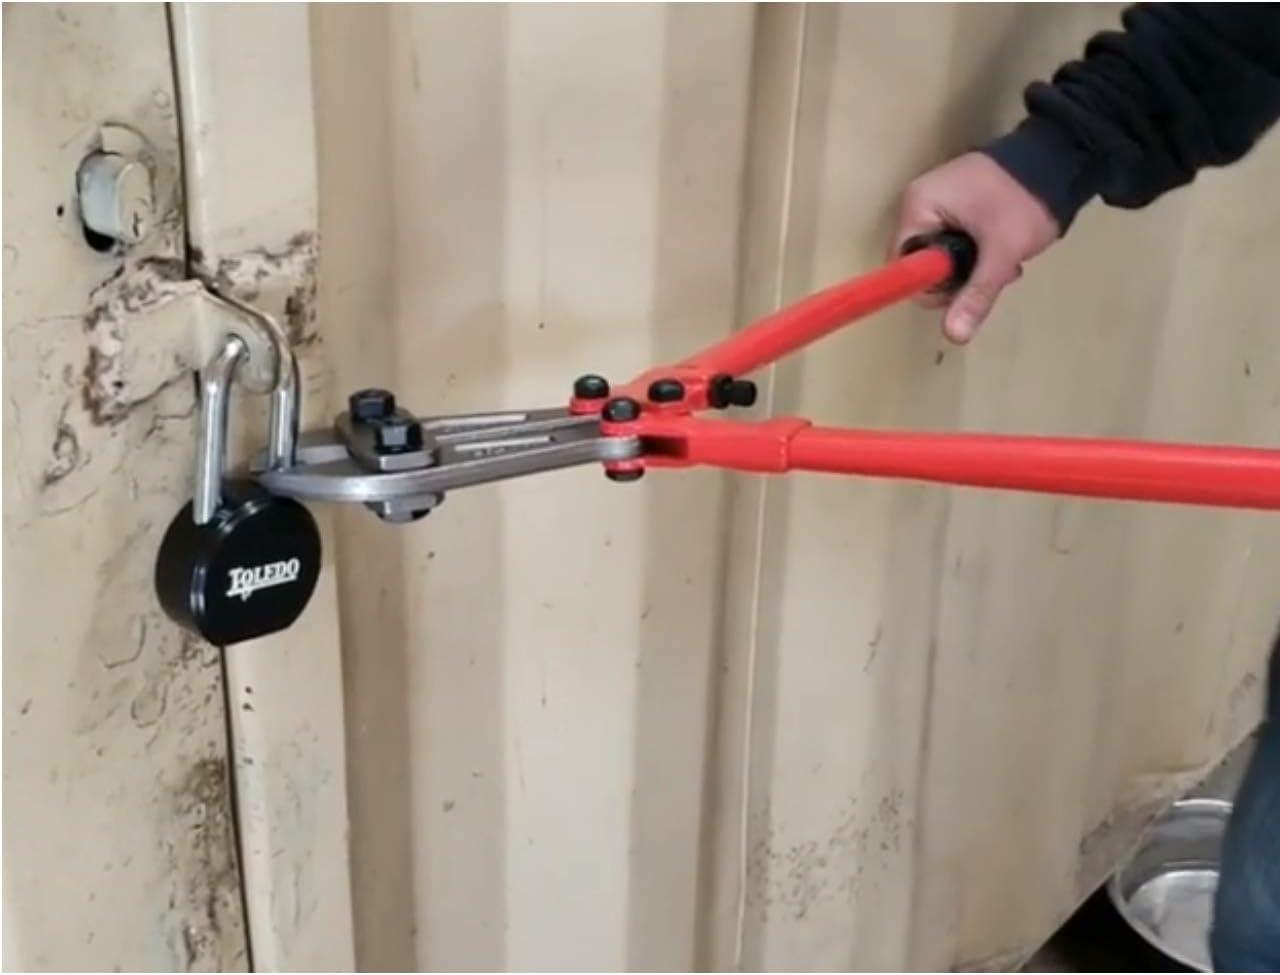 Toledo Lock Black Series tbk90r Candados de seguridad con llave redonda con American Lock Candado de Chavetas (cada orden es Custom Llave para trabajar con Mismo Grupo Llave): Amazon.es: Bricolaje y herramientas